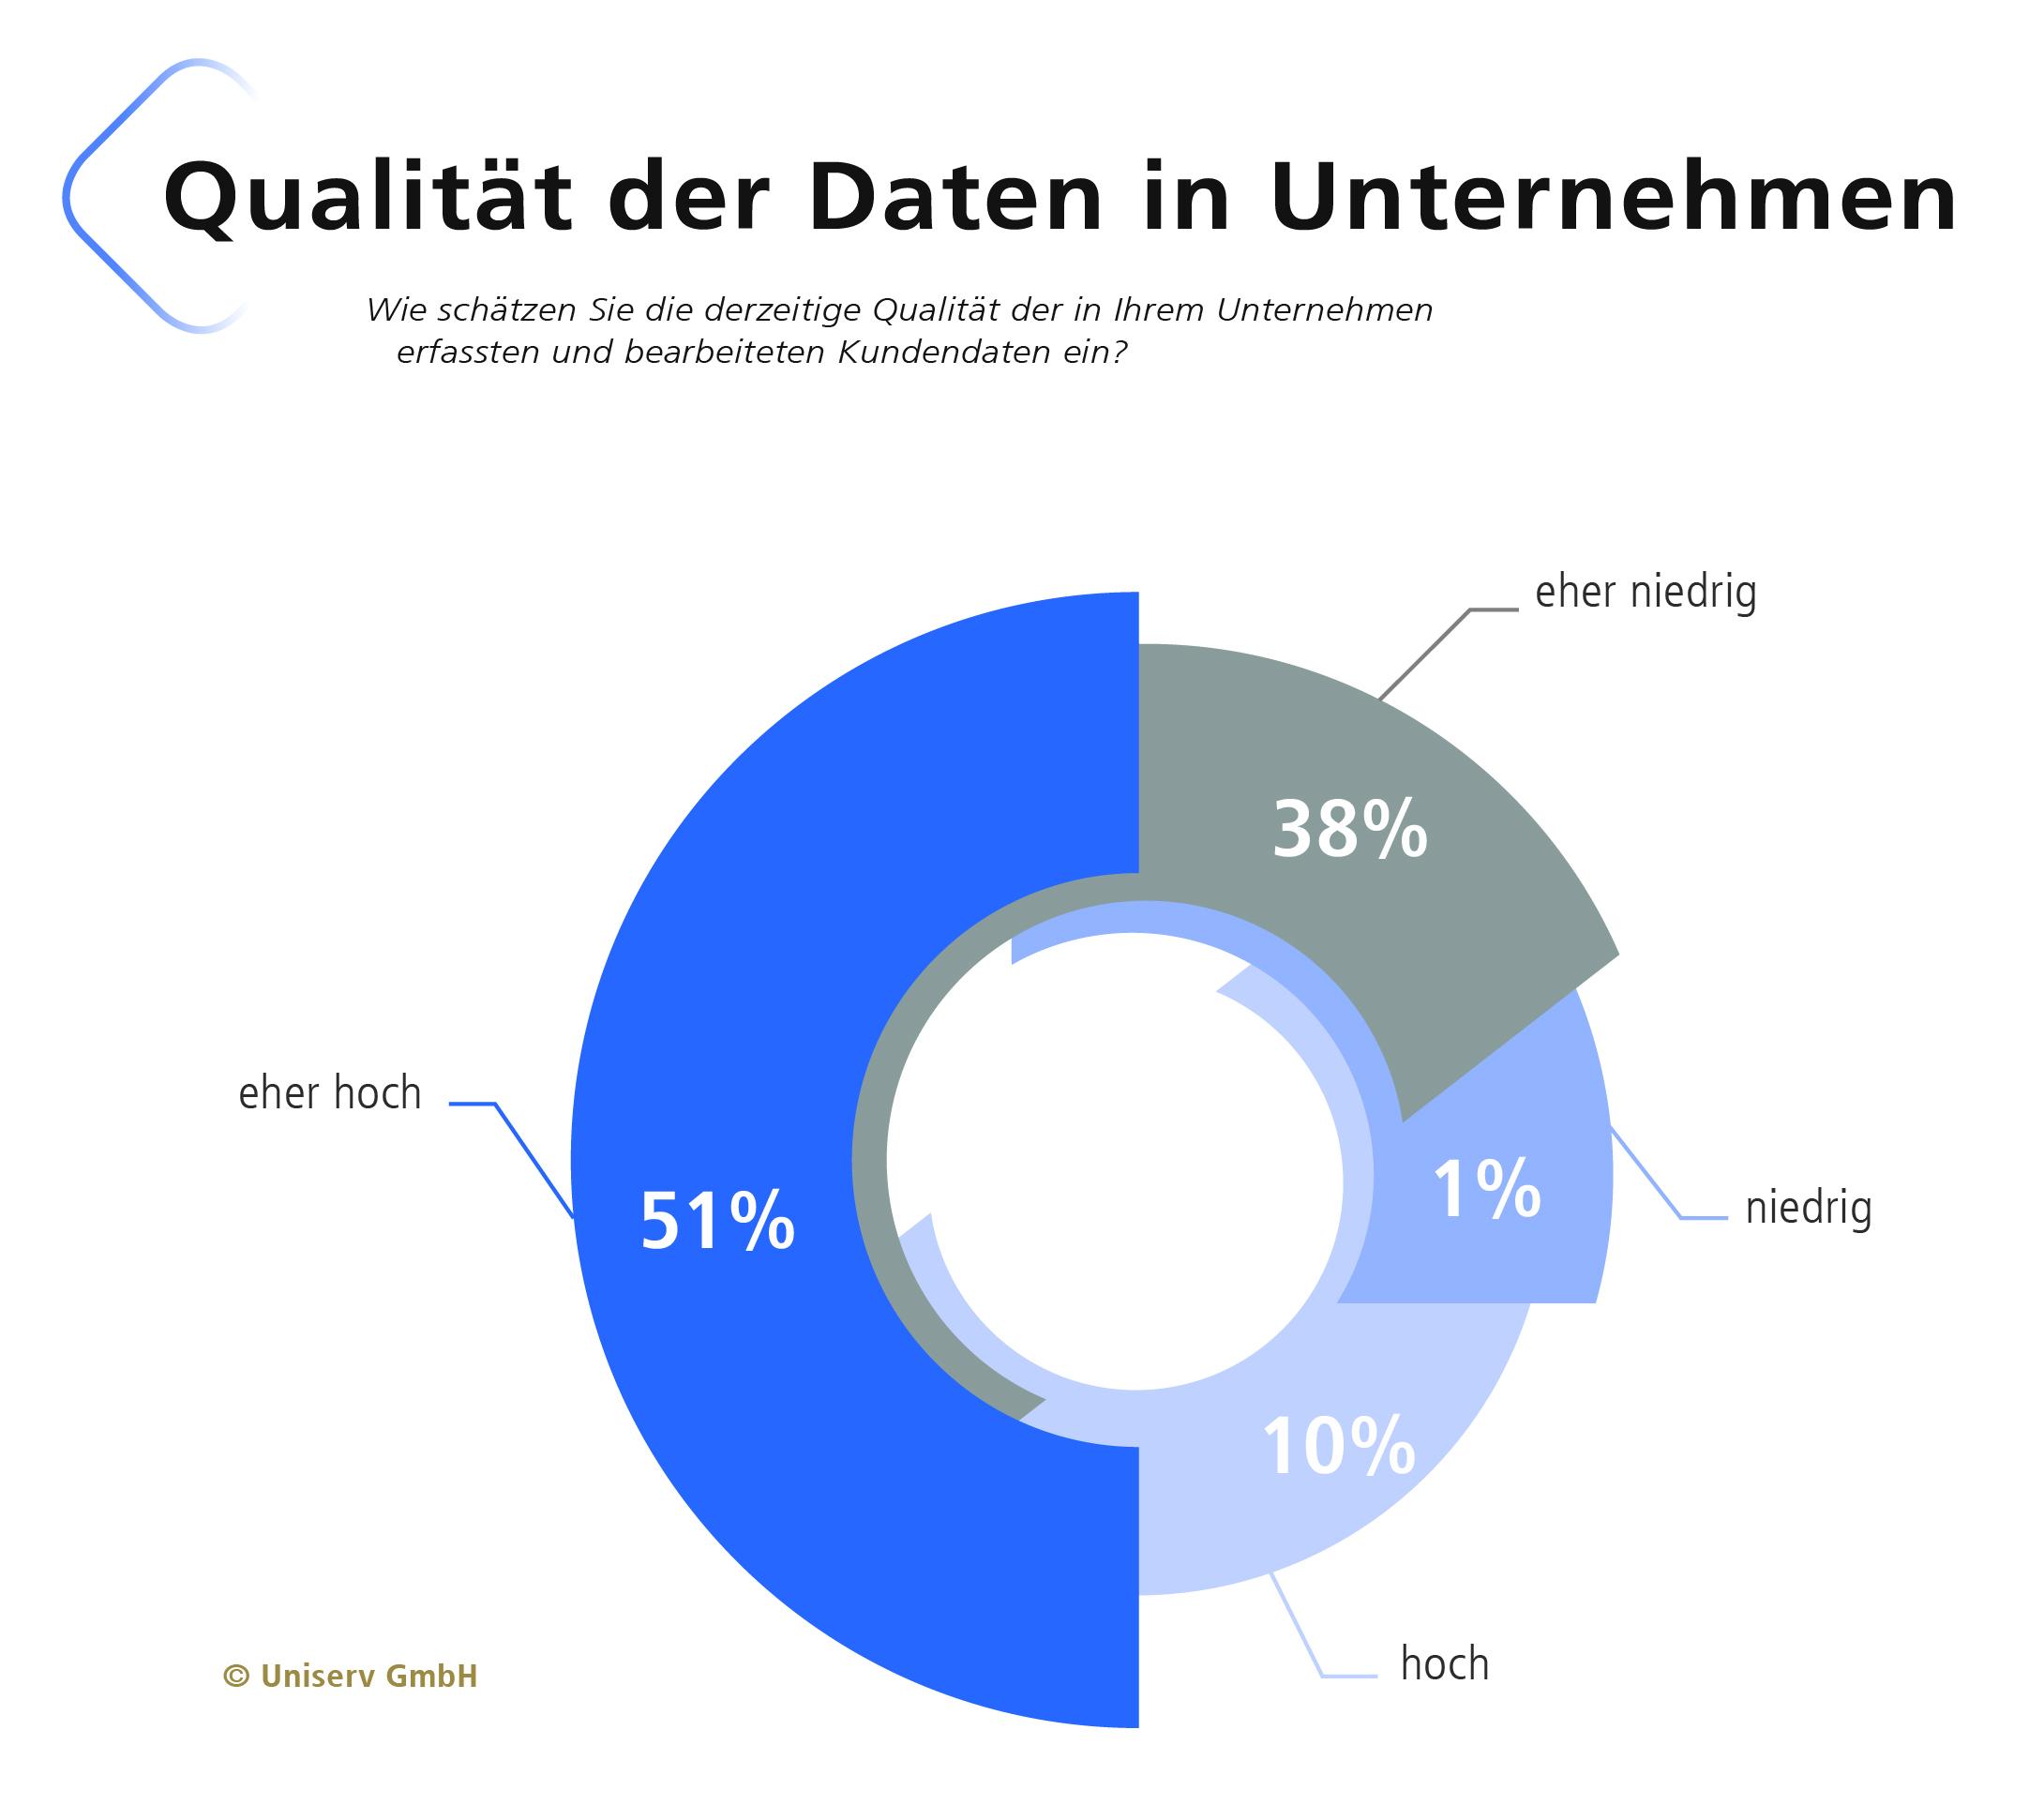 qualitaet-der-daten